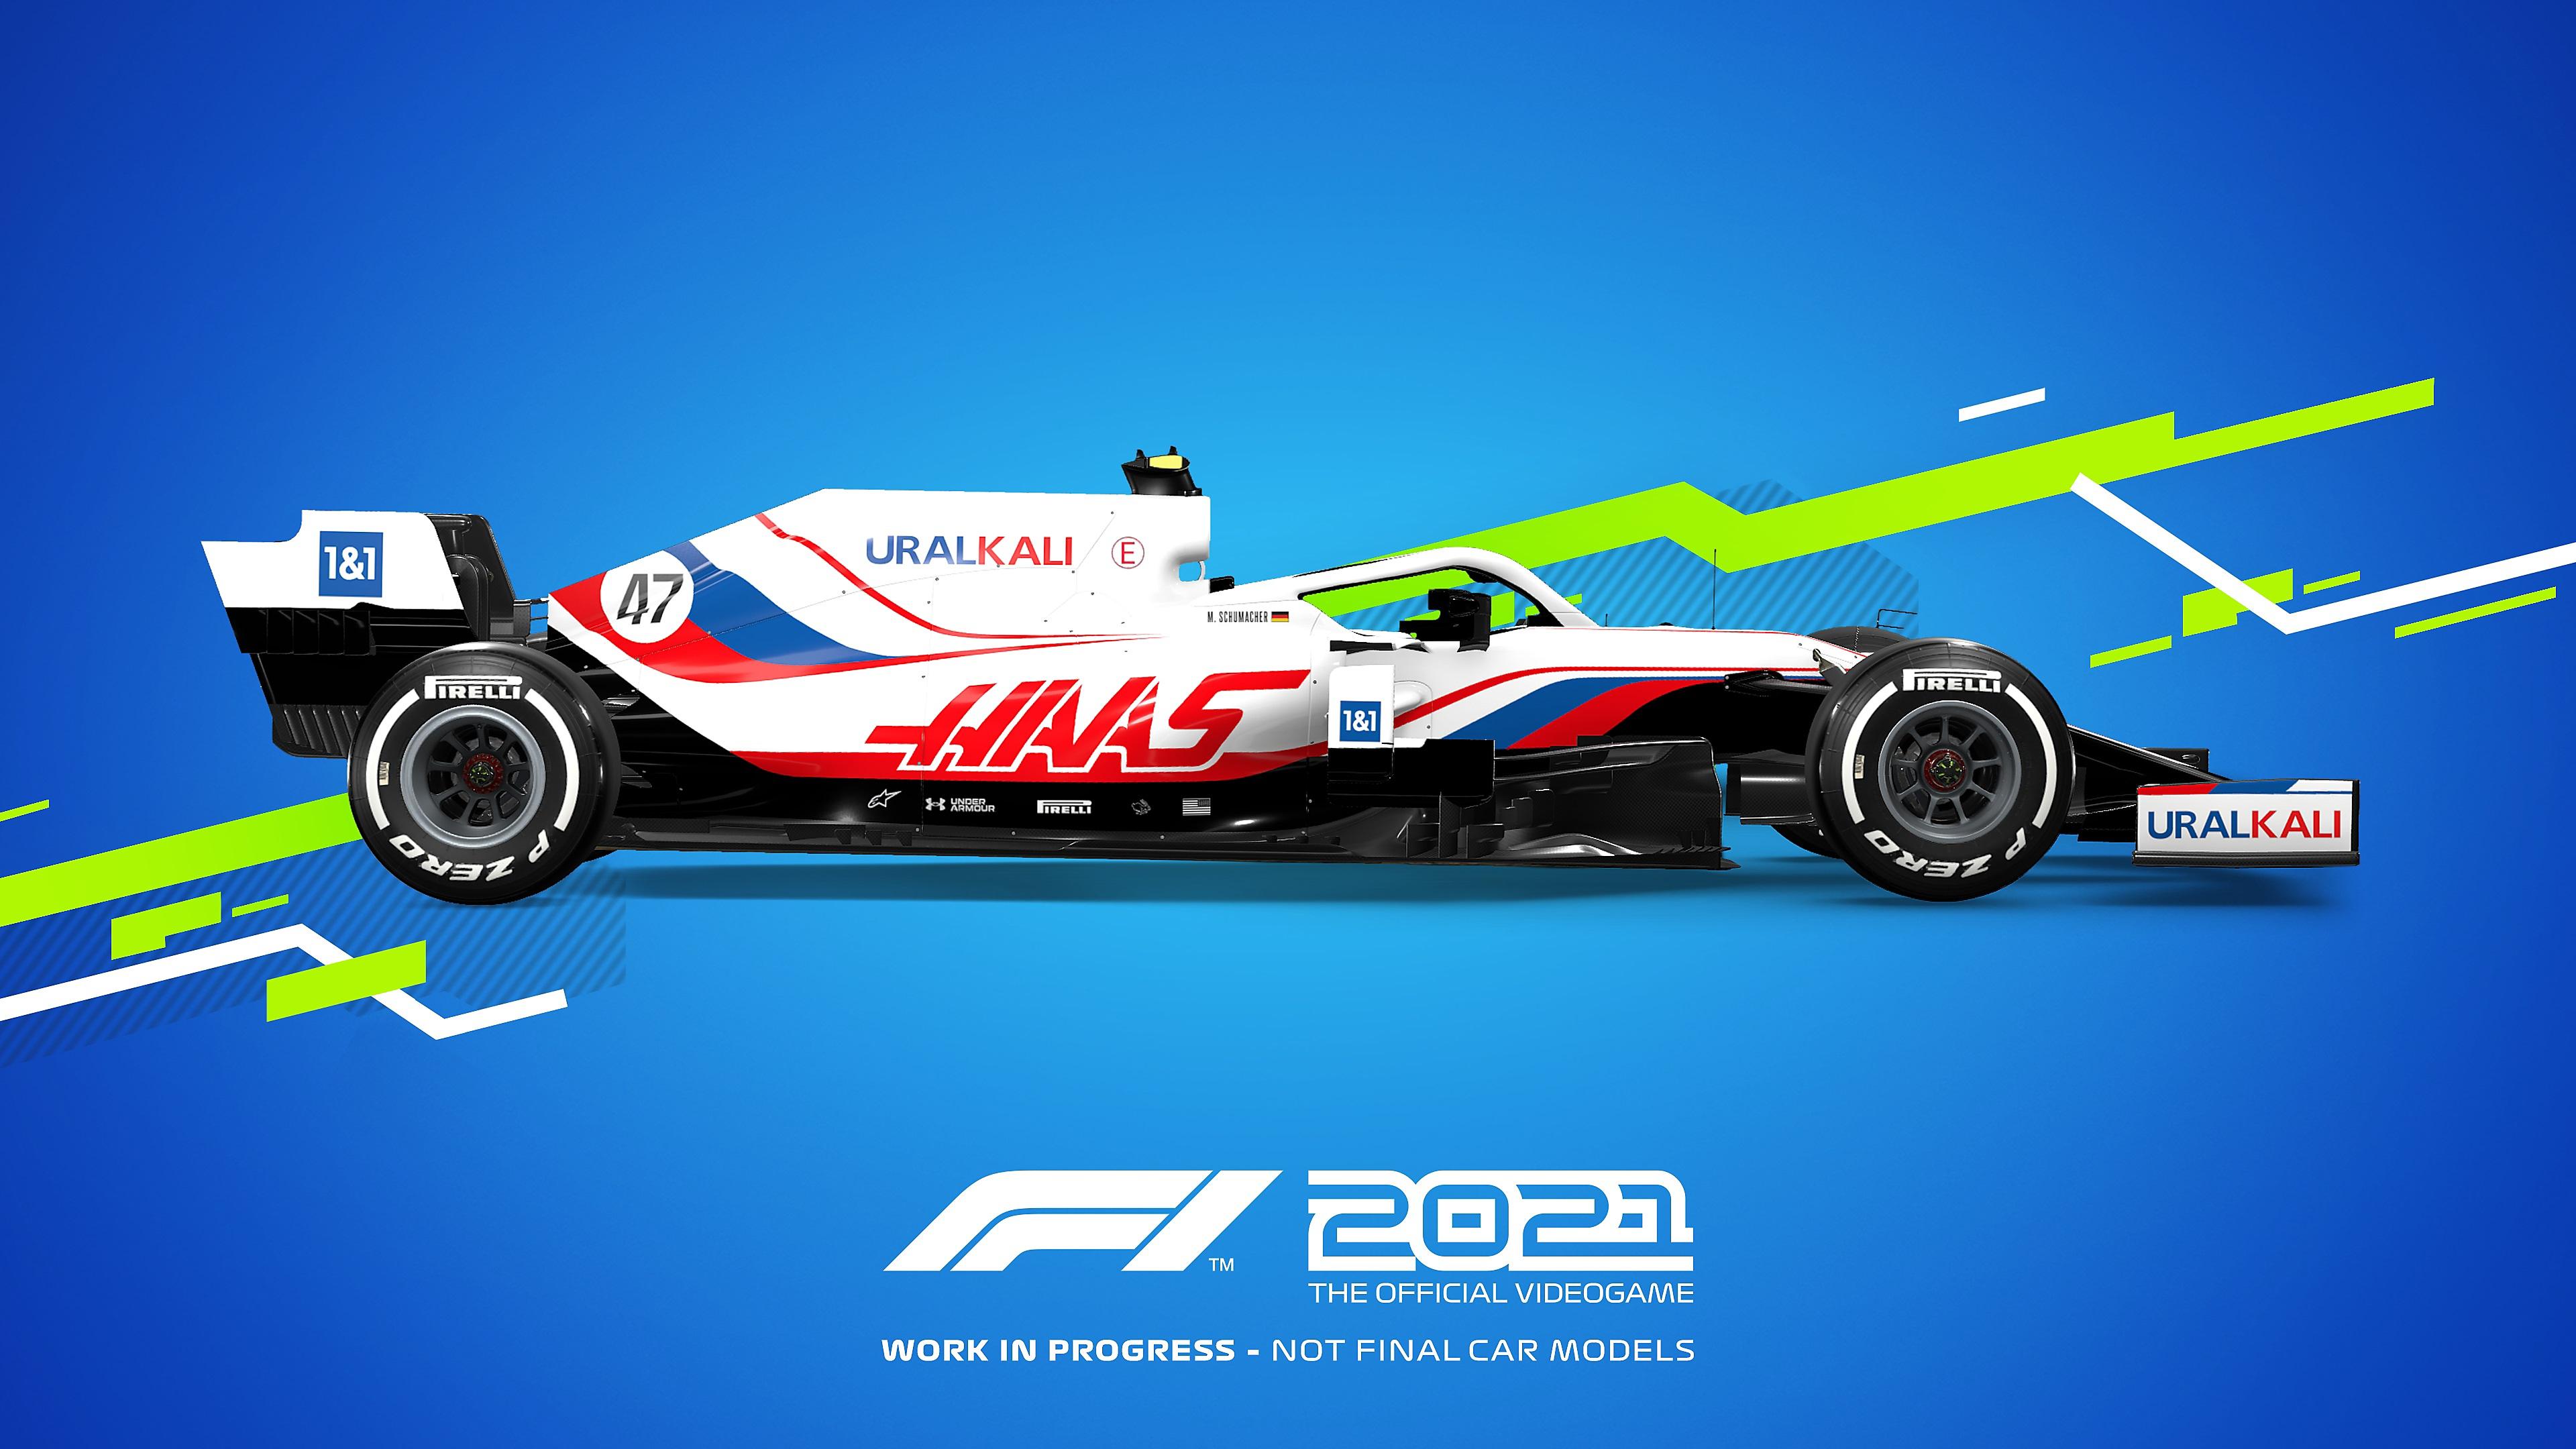 Colores distintivos de autos de juego F1 2021 - Haas